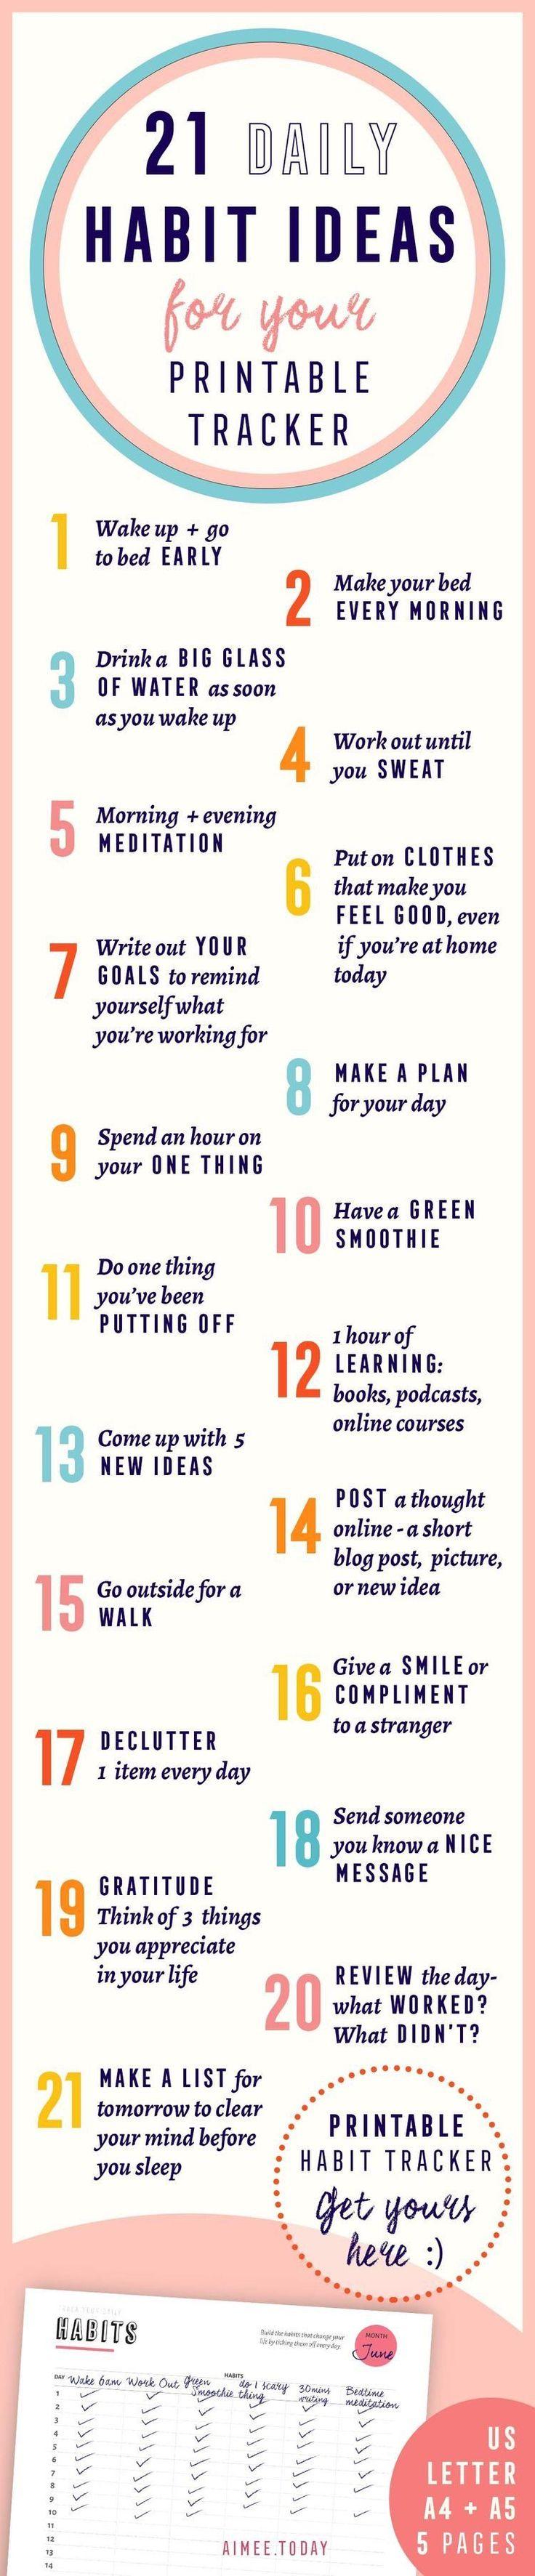 21 daily habit tracker ideas